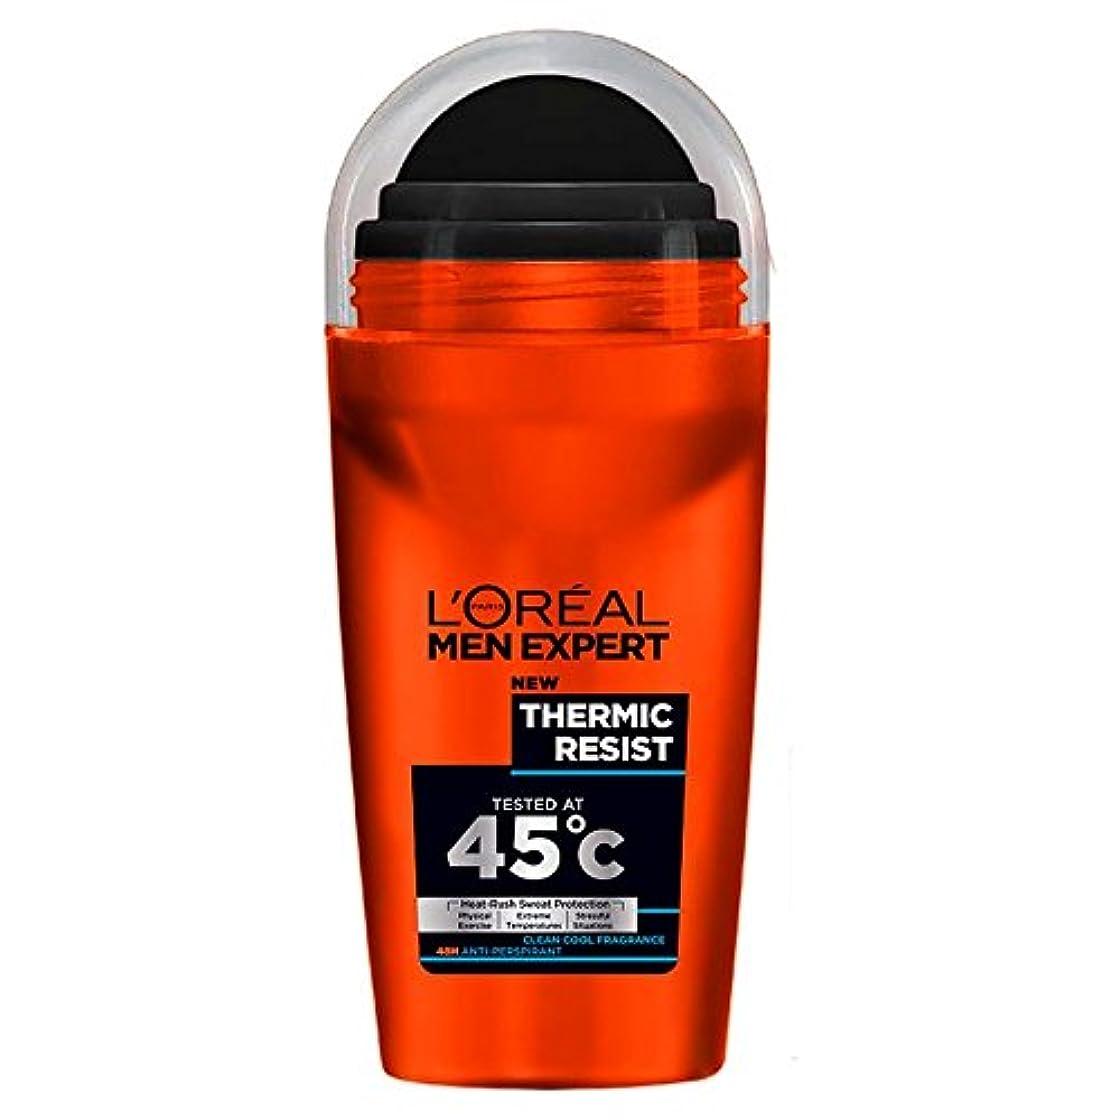 太鼓腹雑種アコーL'Oreal Paris Men Expert Deodorant Roll-On - Thermic Resist (50ml) L'オラ?アルパリのメンズ専門デオドラントロールオン - サーミックにレジスト( 50ミリリットル) [並行輸入品]